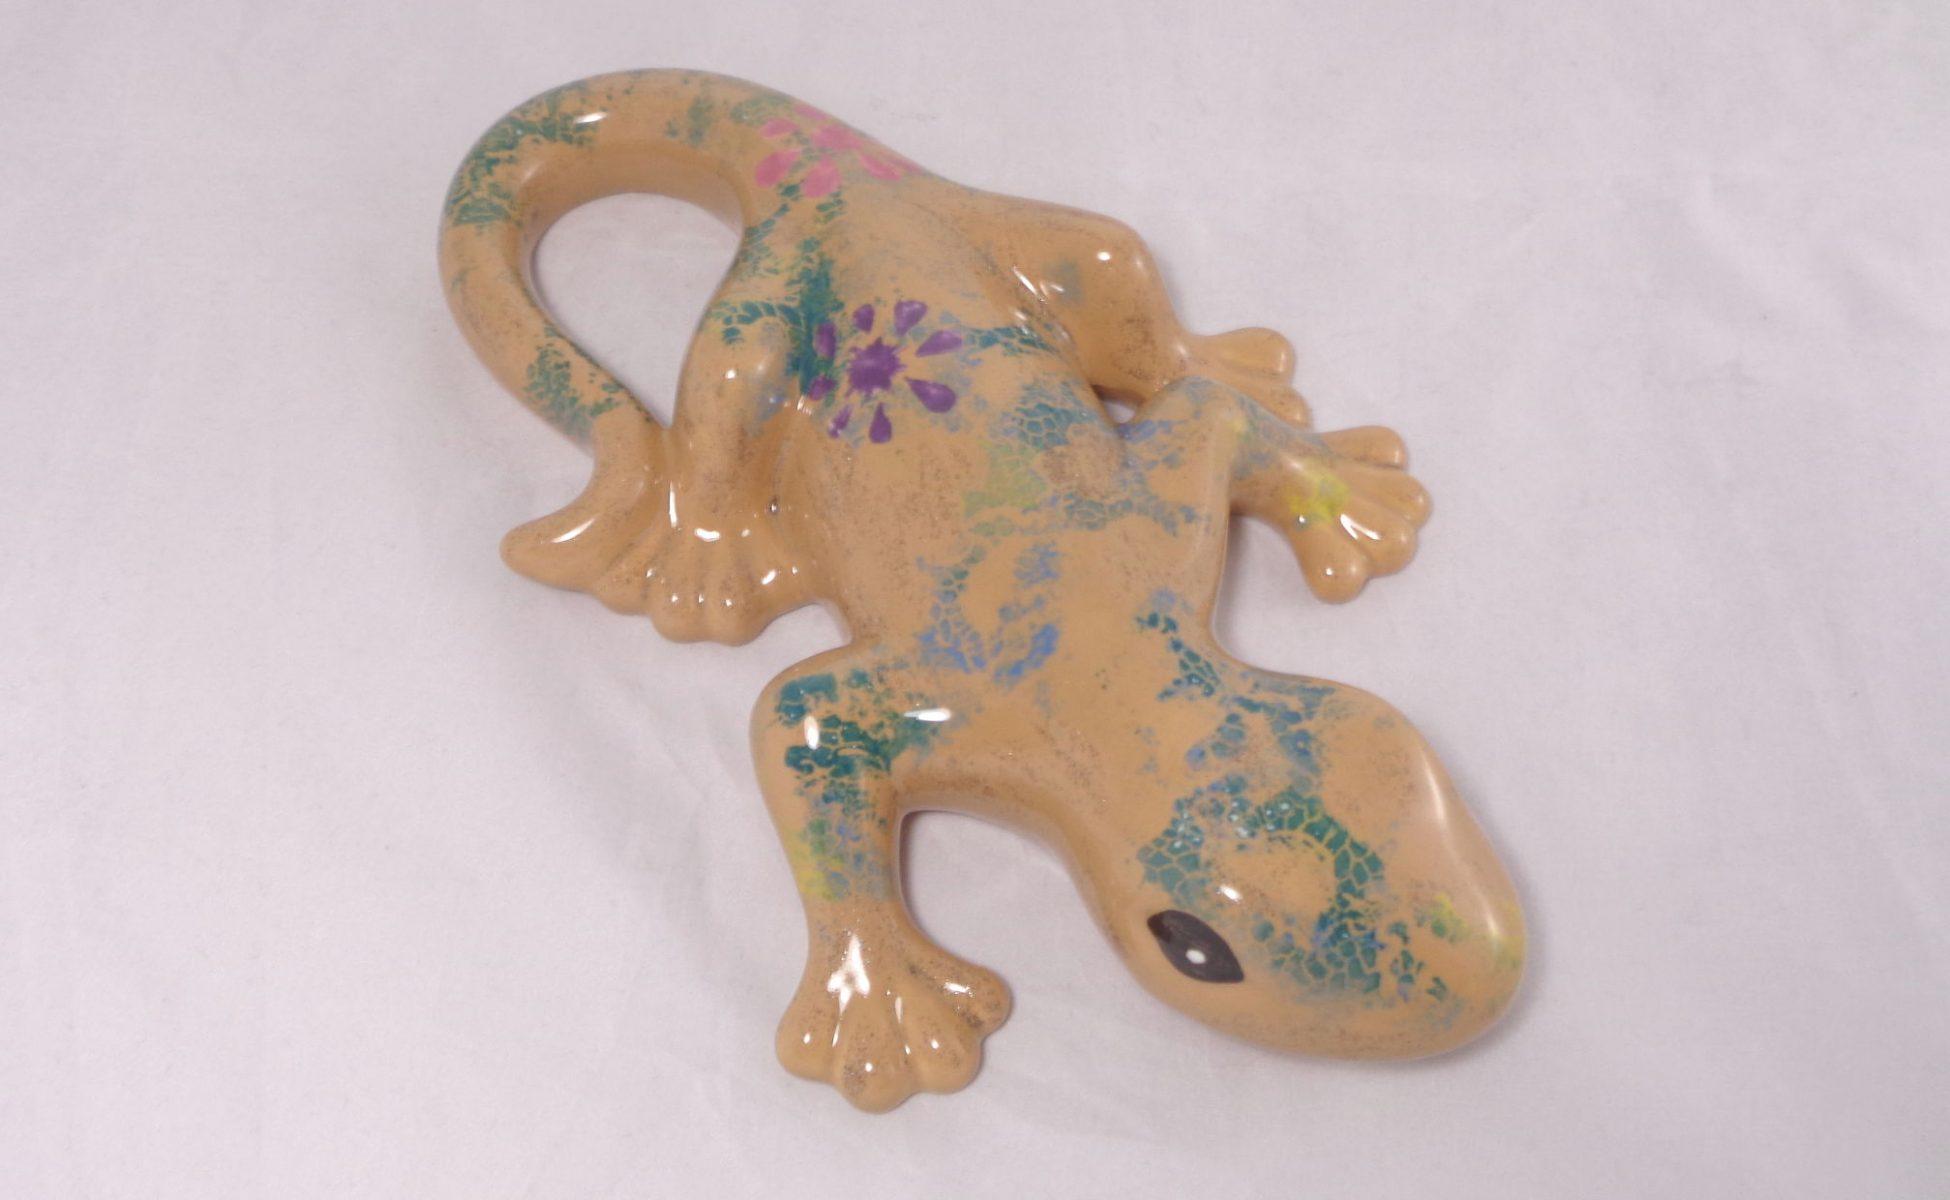 Bemalte Keramik Gekko Reptil-Print No.2